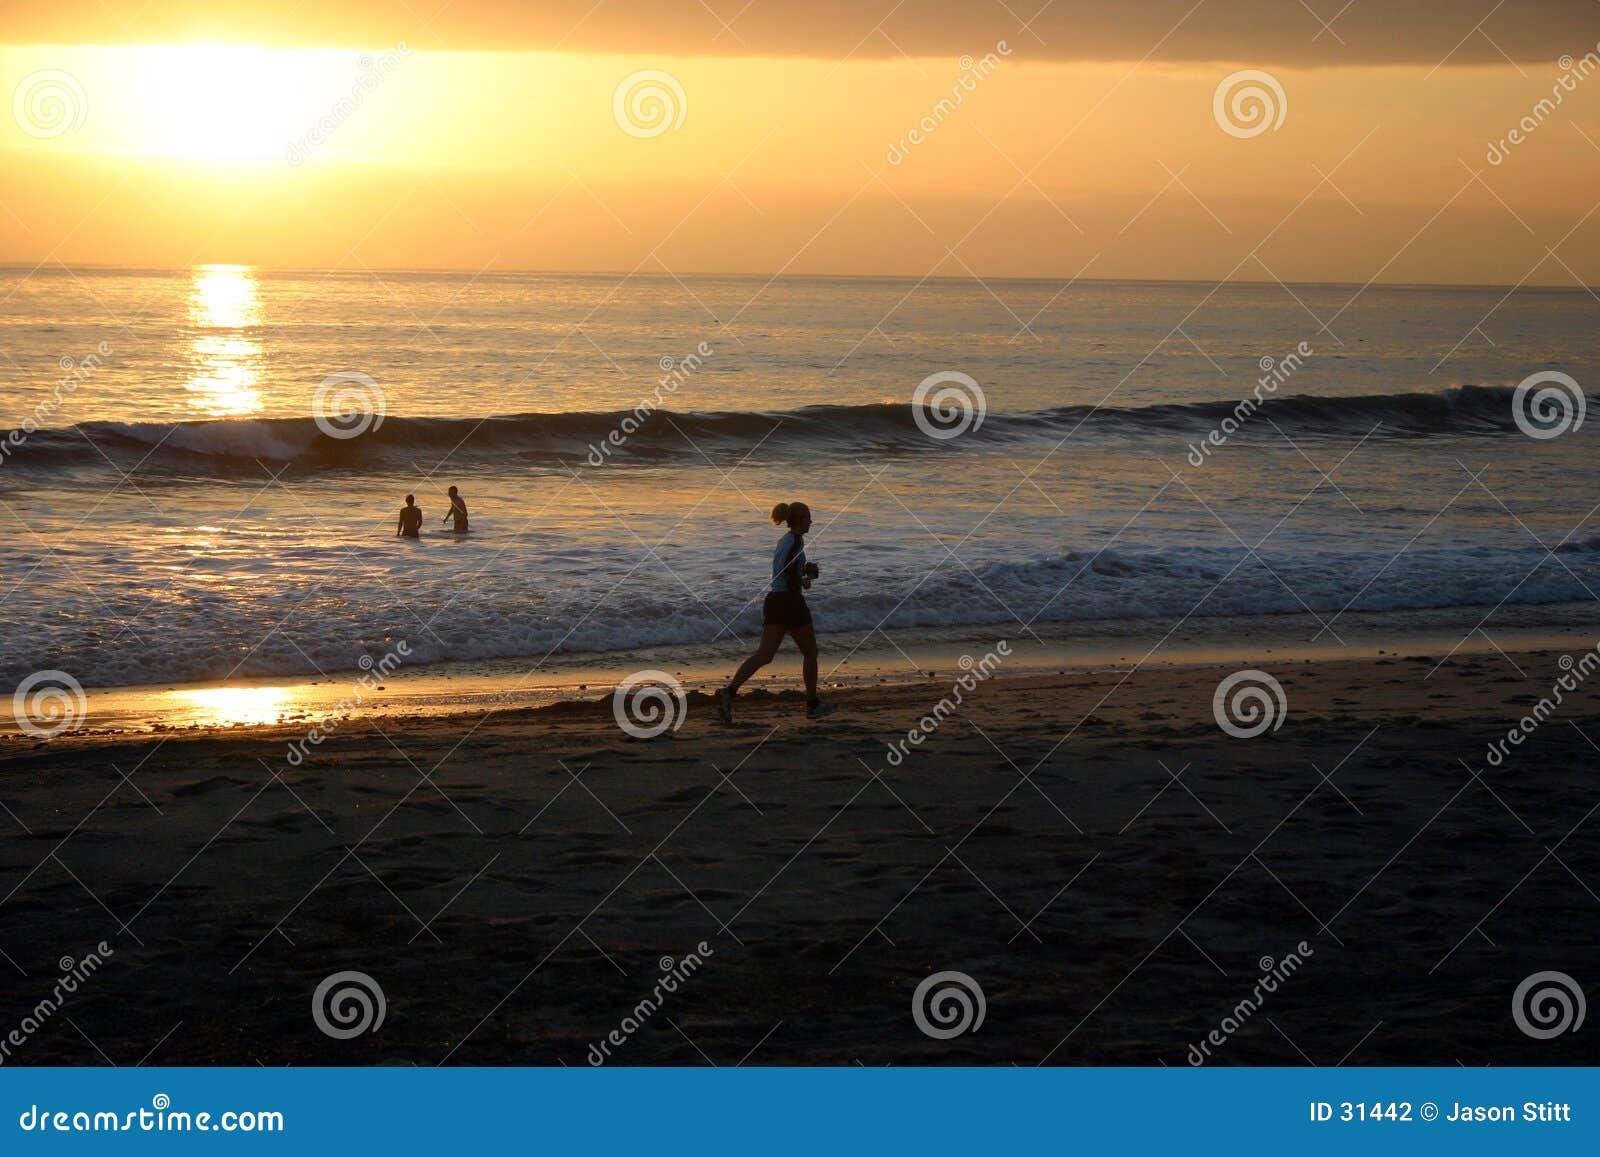 Biegam słońca